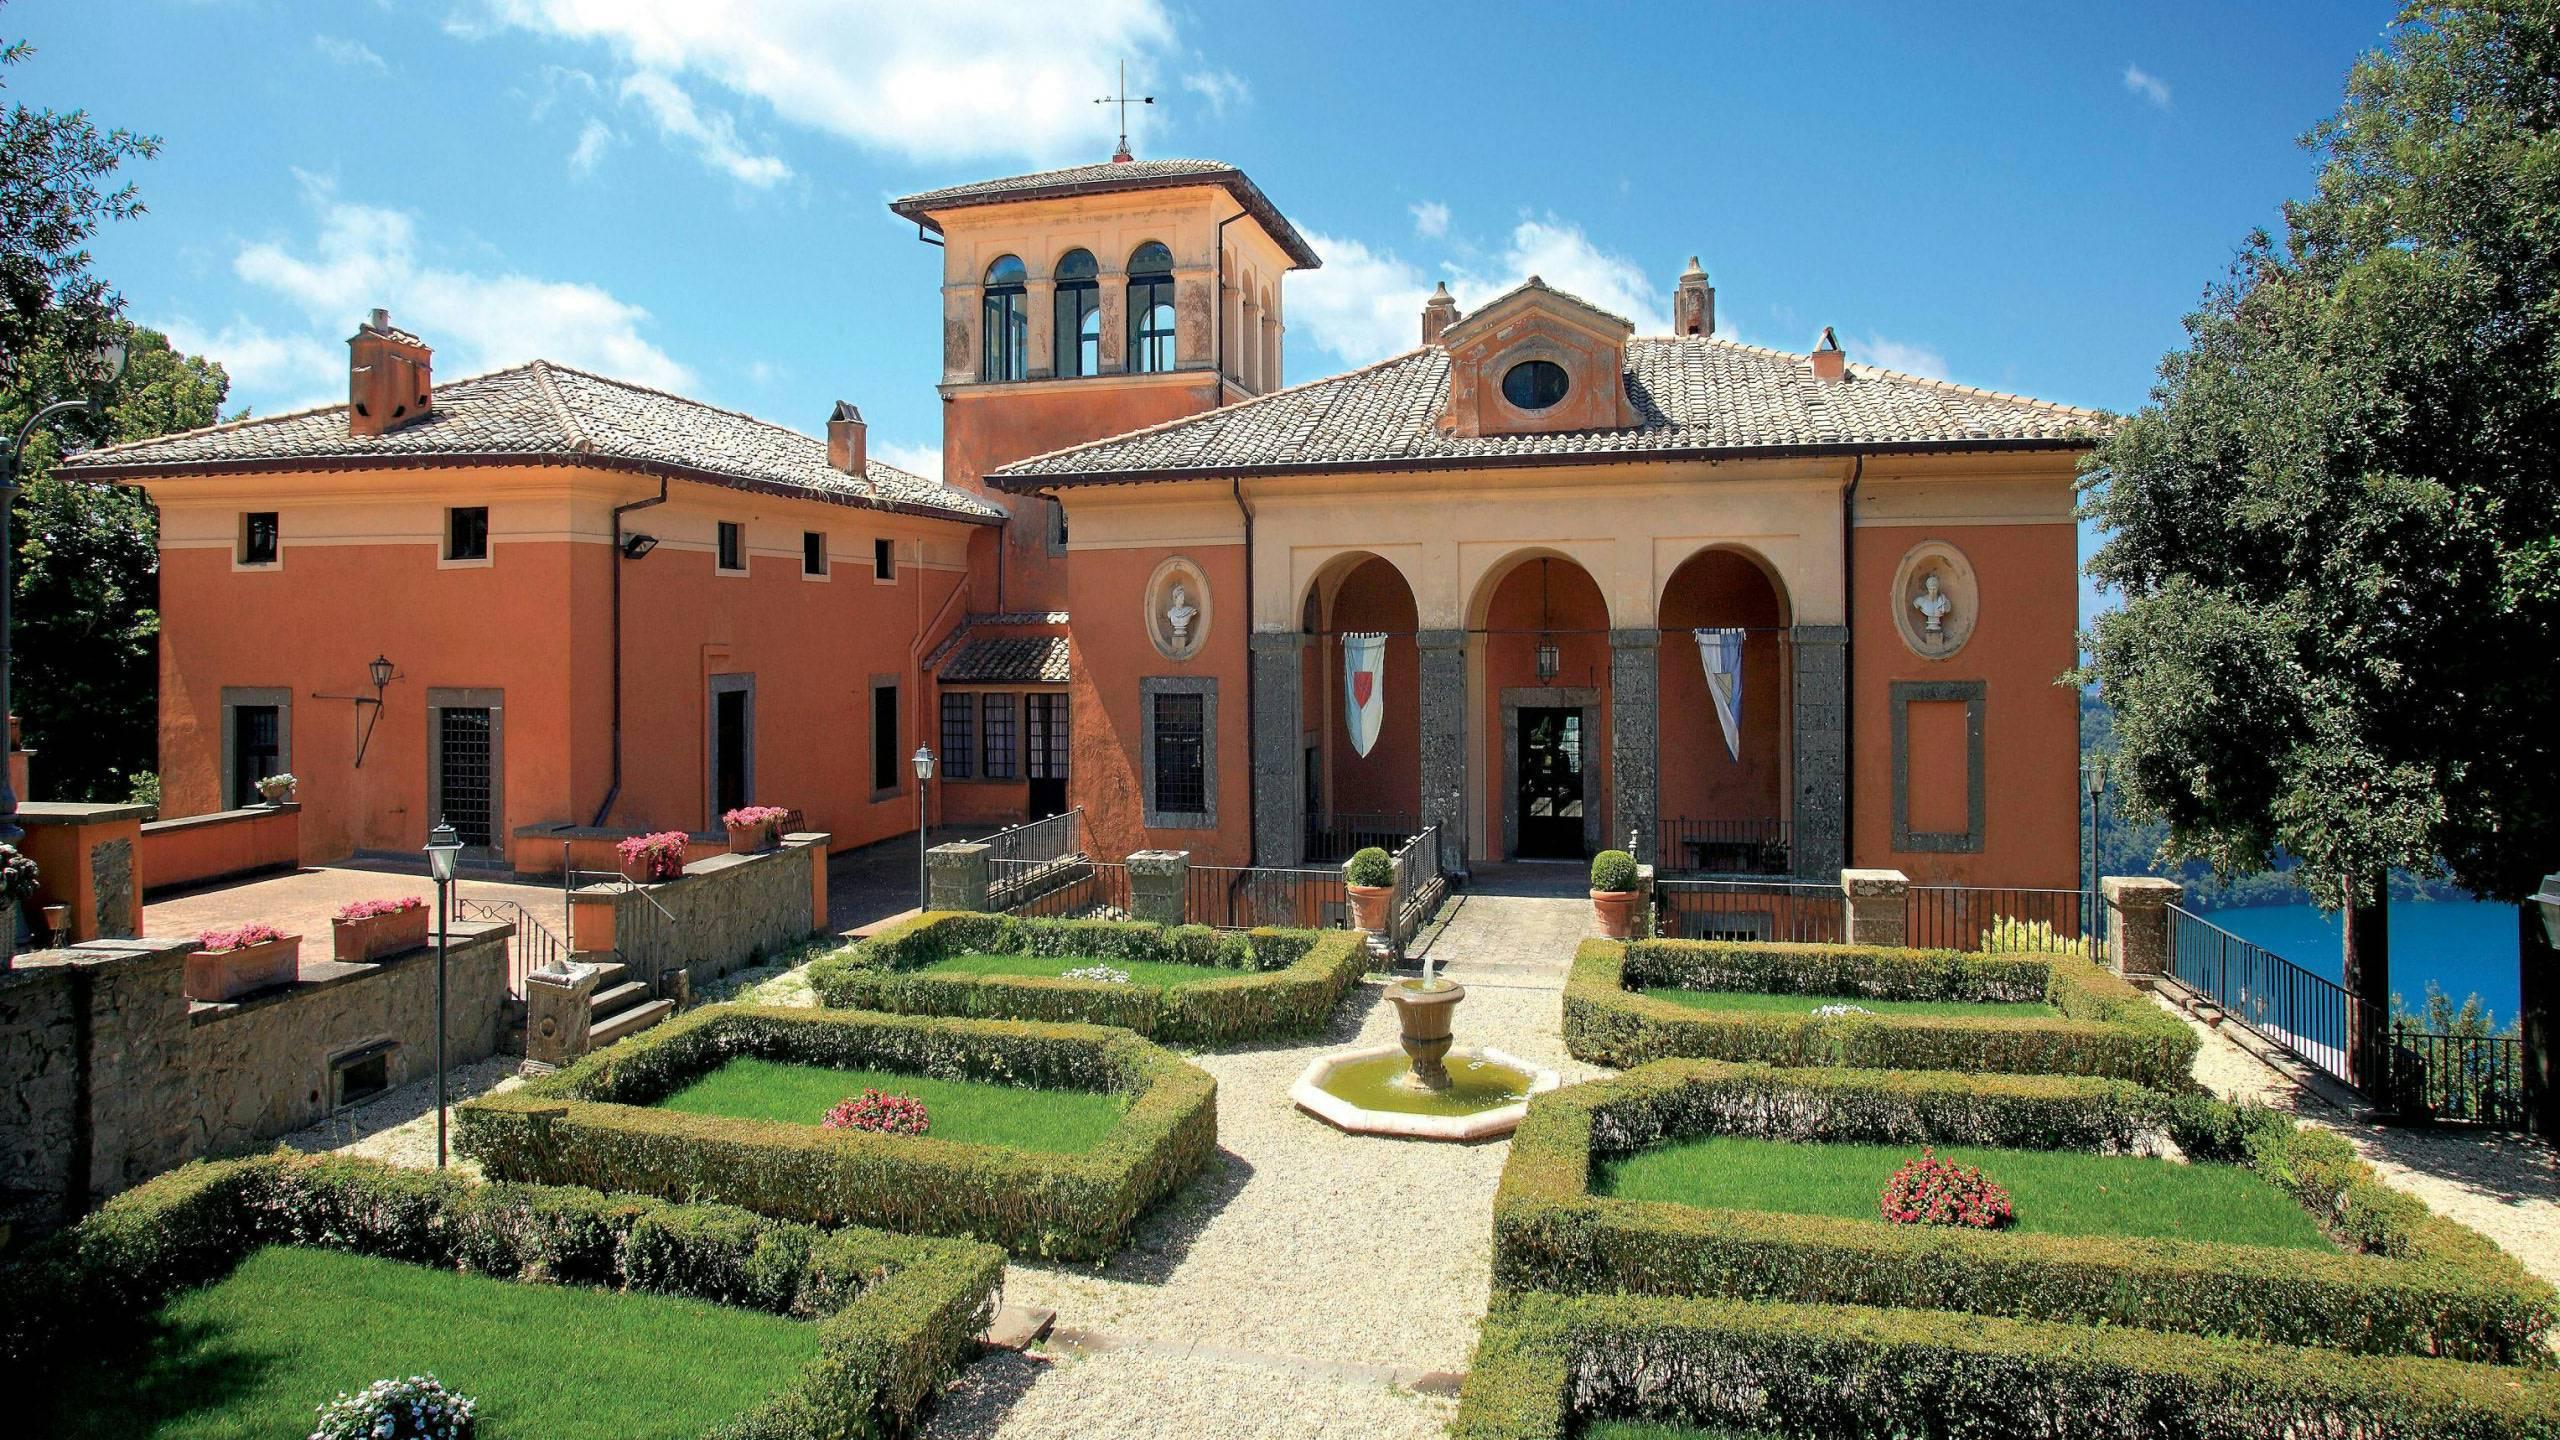 1-villa-del-cardinale-castel-gandolfo